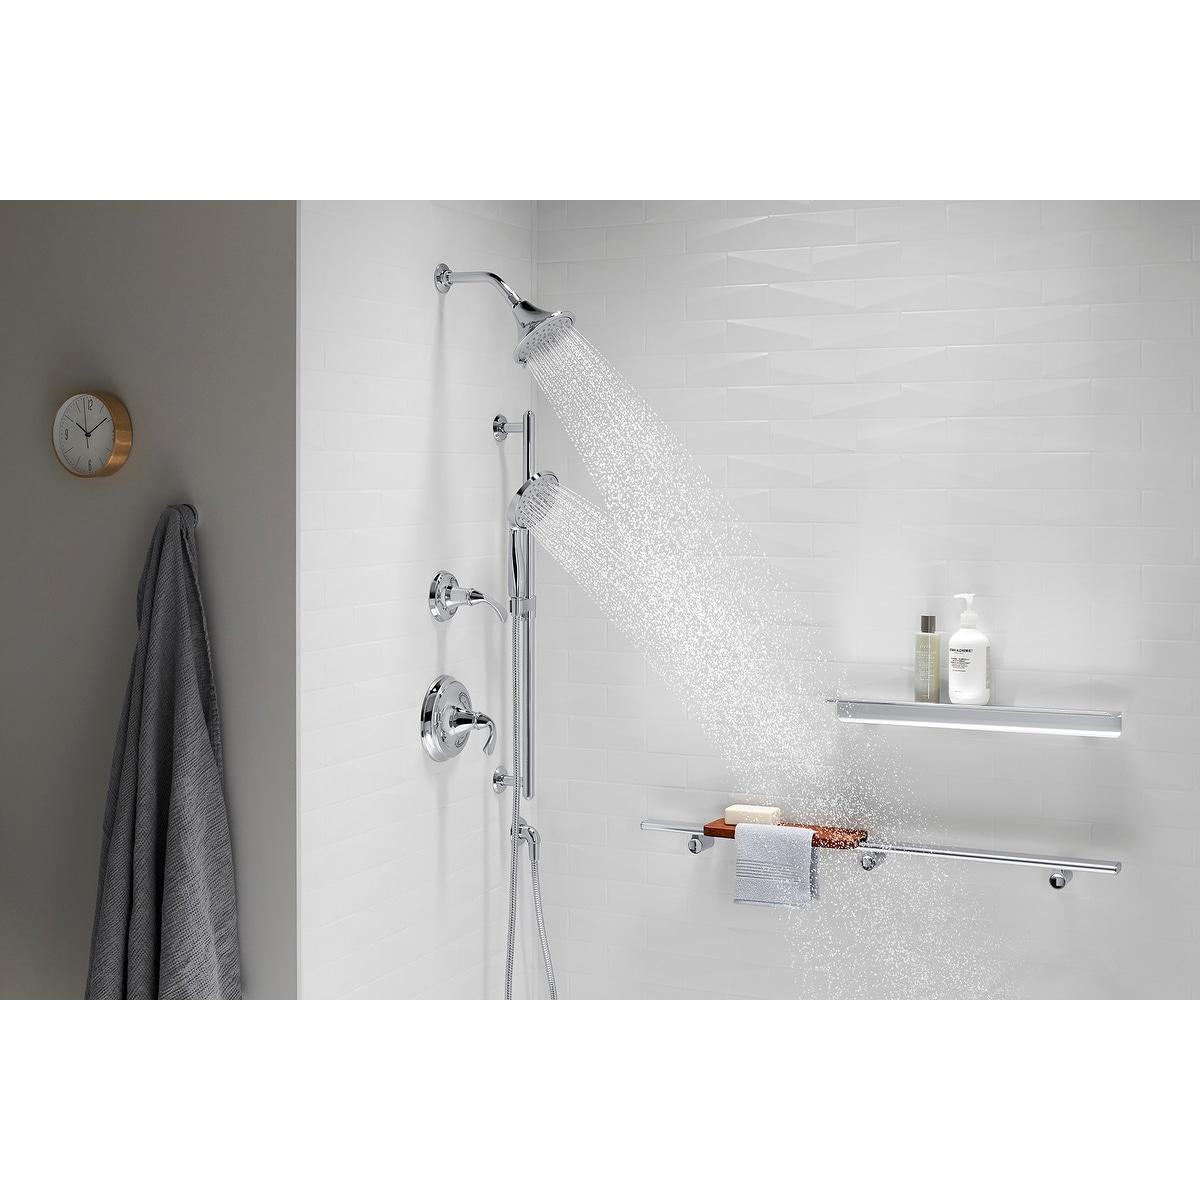 Kohler K 22169 G Forte 1 75 Gpm Multi Function Shower Head